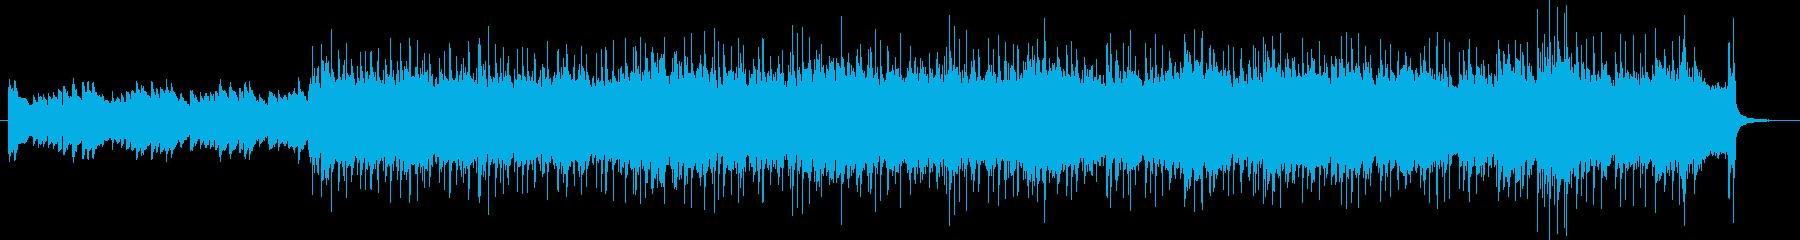 70年代風ハードロックオリジナルの再生済みの波形